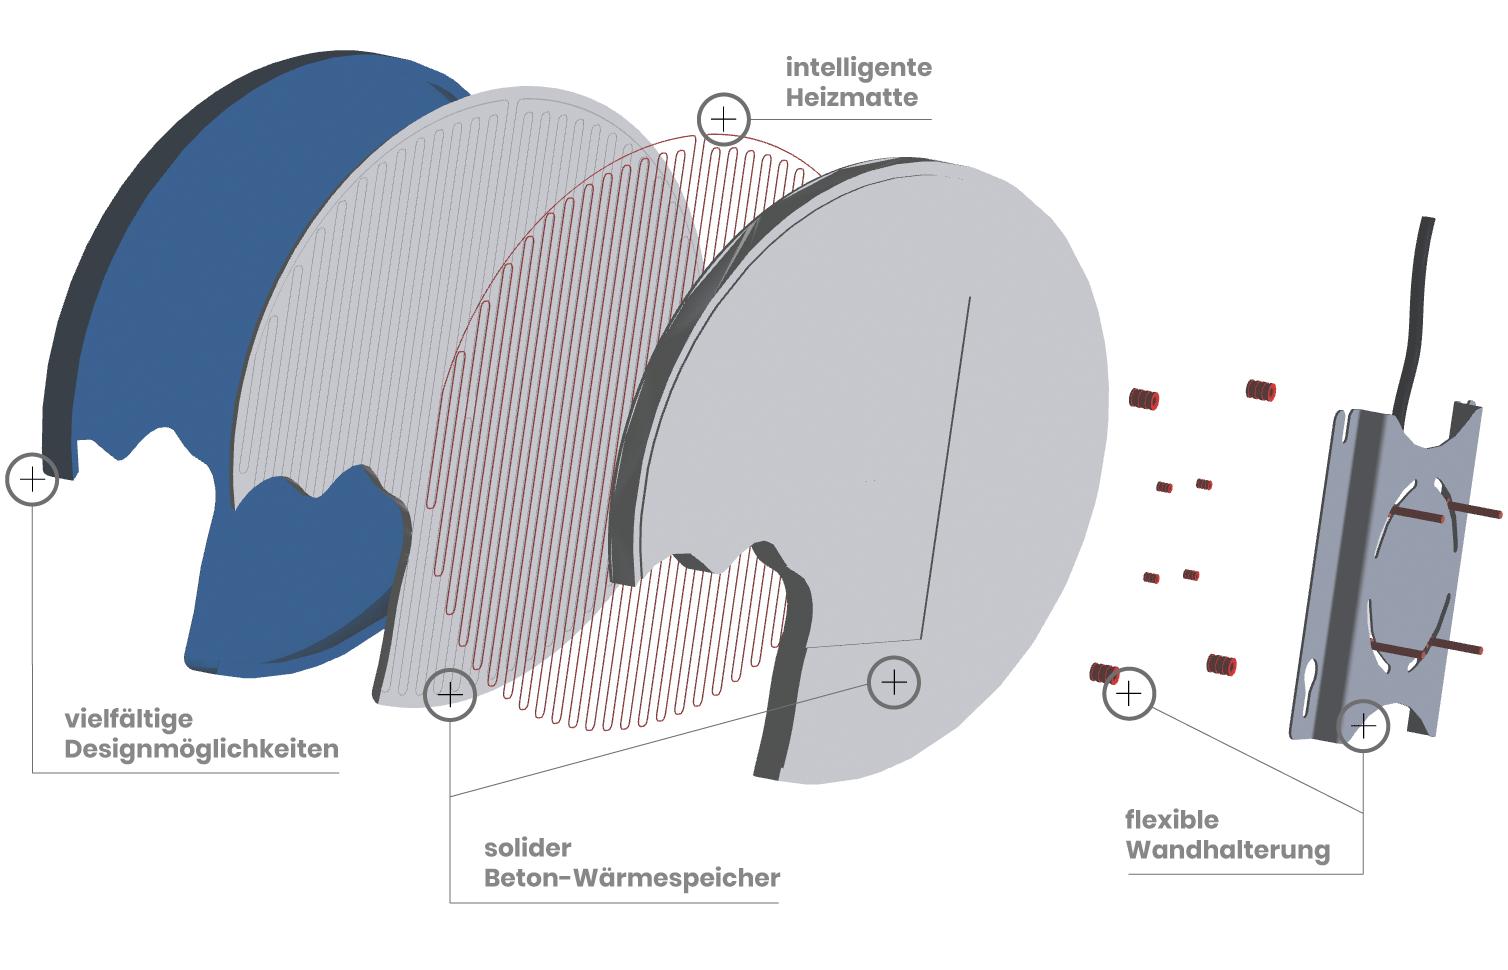 Paneel-oval-infrarotheizkoerper-Heliolith-explosionszeichnung